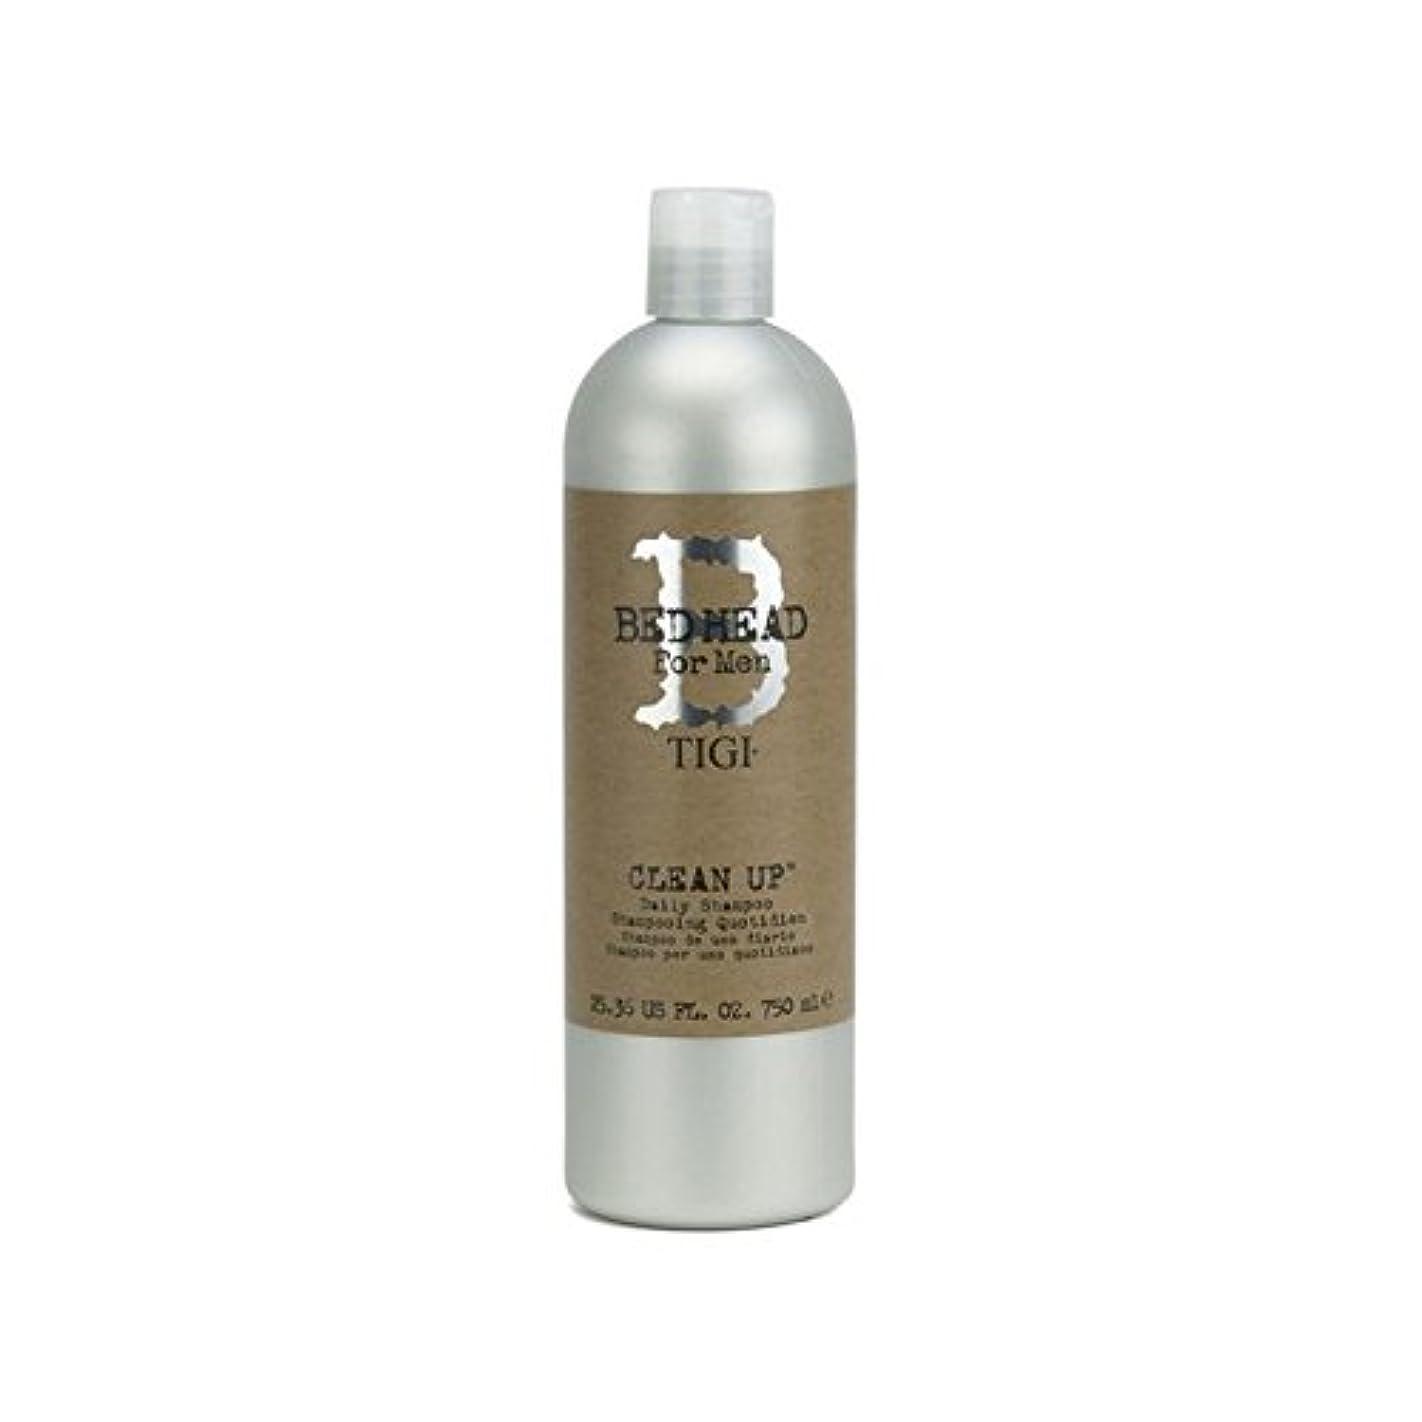 環境保護主義者アレイ心臓Tigi Bed Head For Men Clean Up Daily Shampoo (750ml) - 毎日シャンプーをクリーンアップする男性のためのティジーベッドヘッド(750ミリリットル) [並行輸入品]